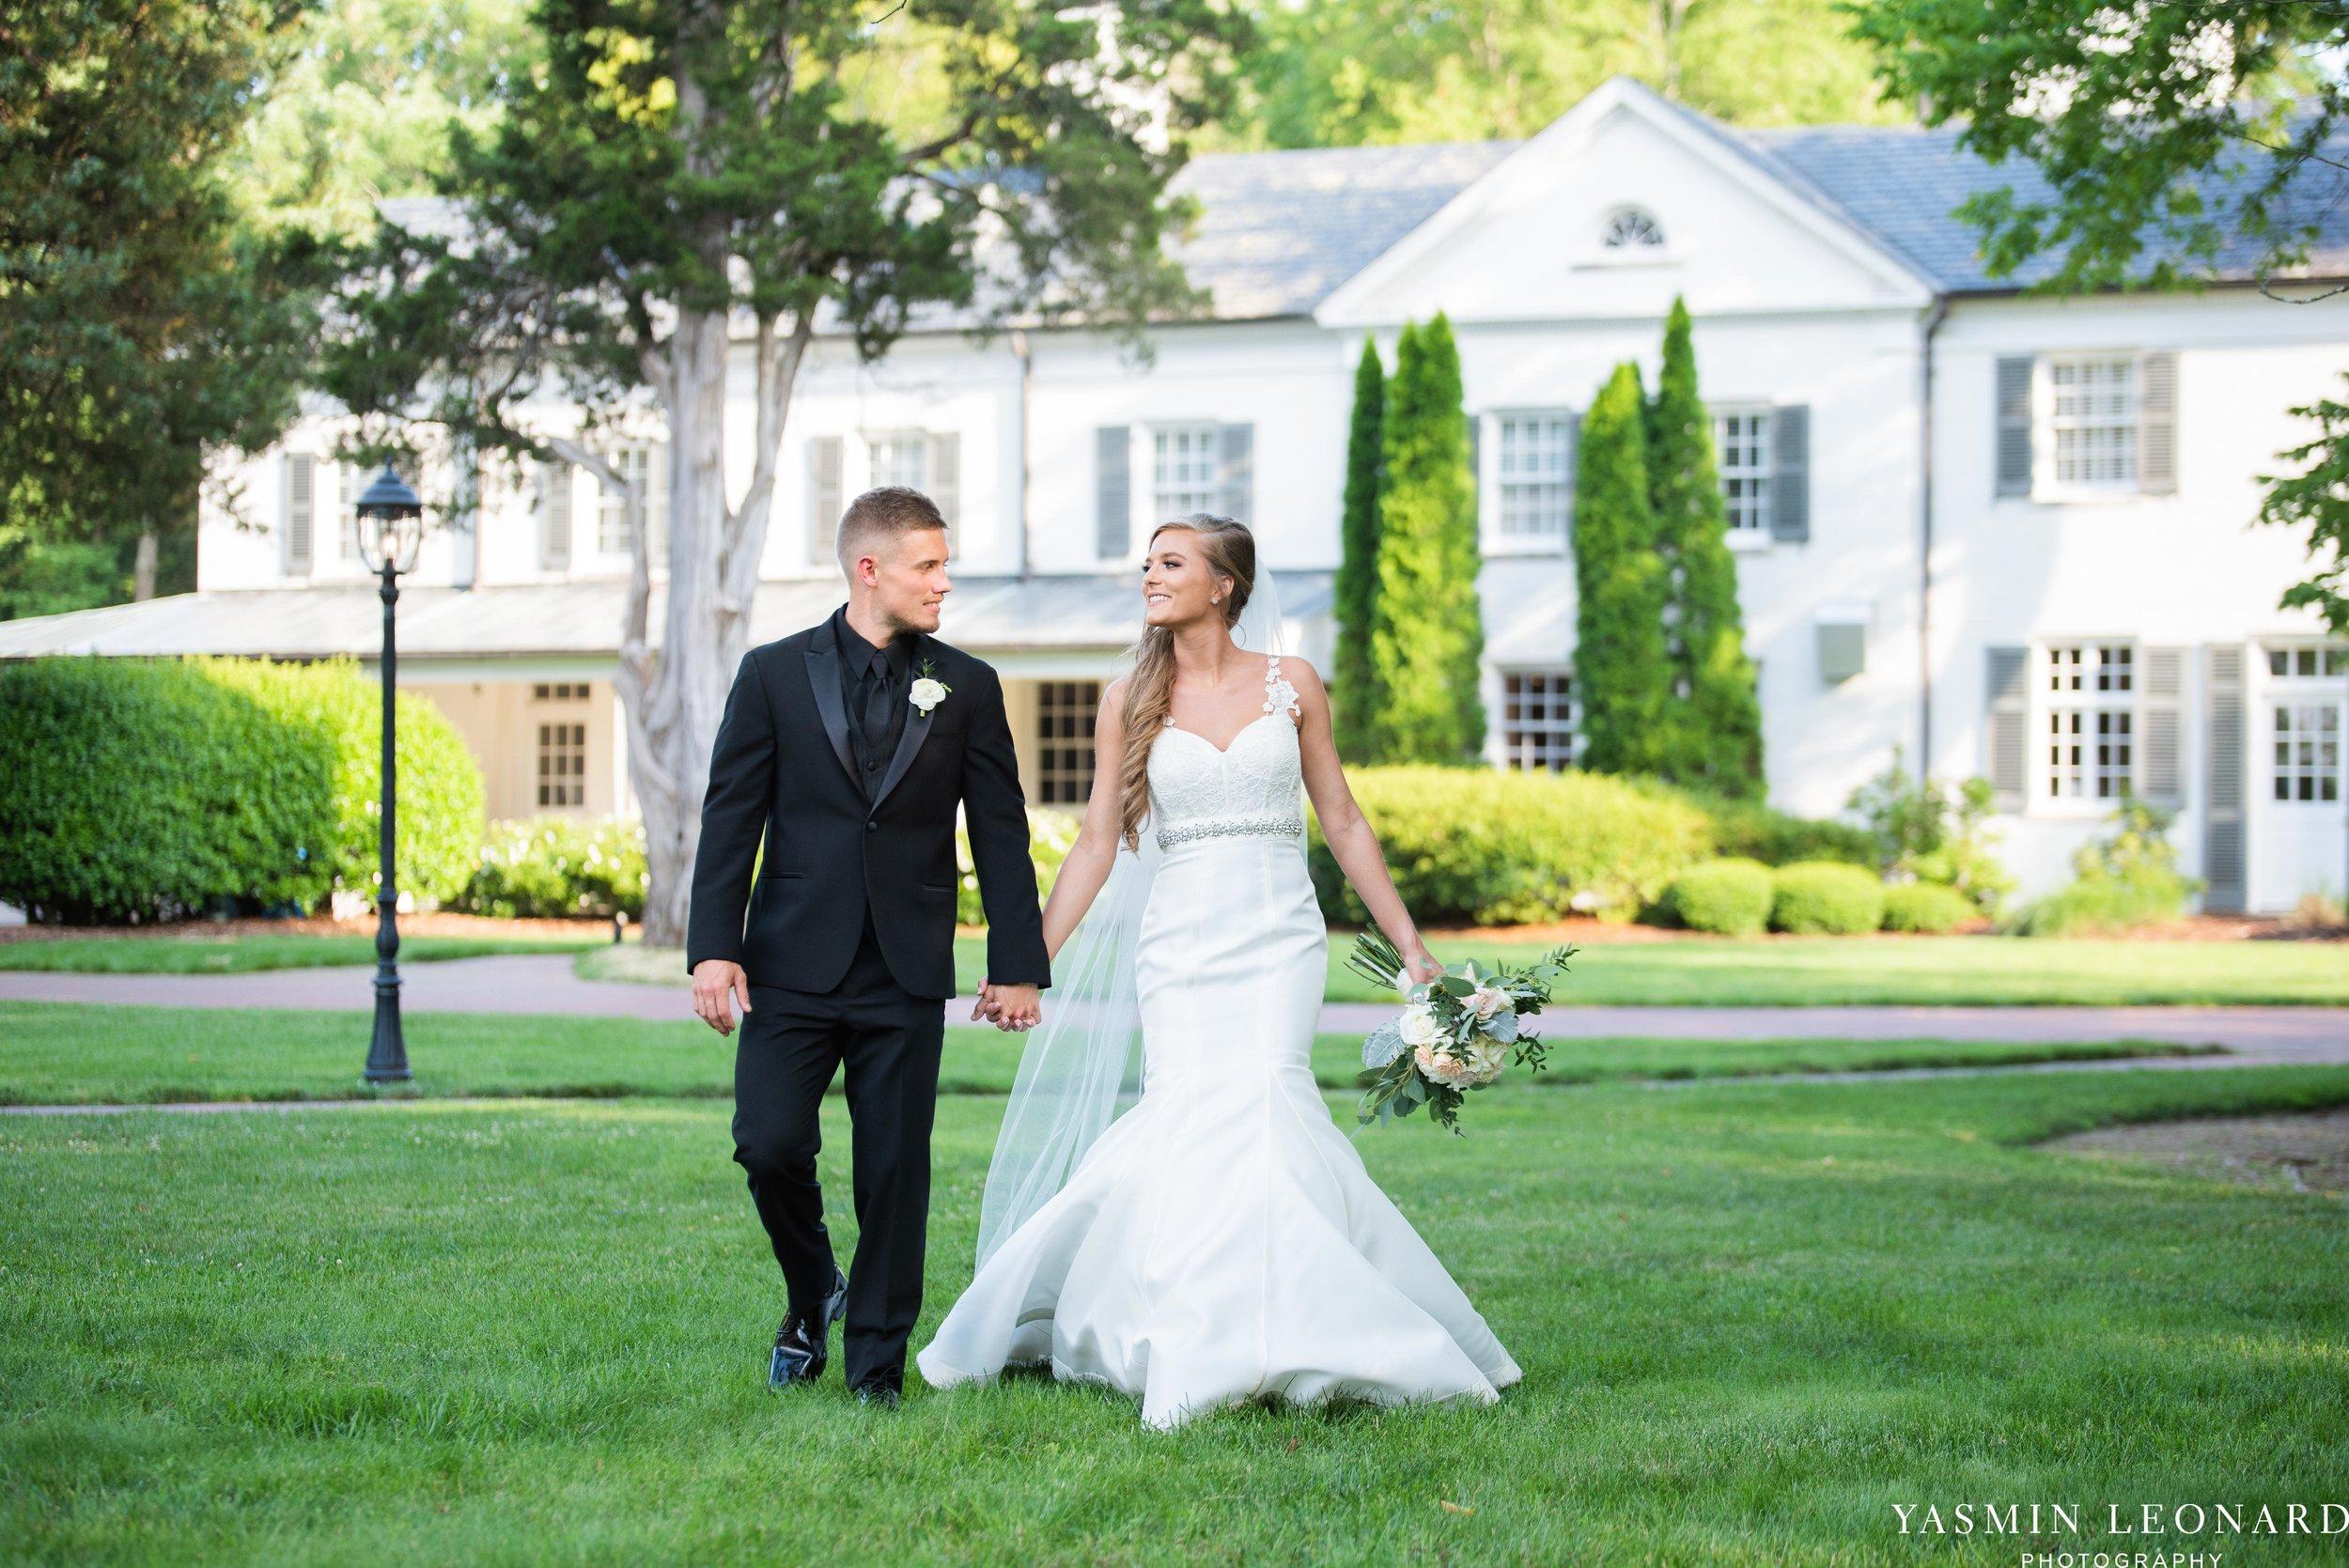 Boxwood Estate - Boxwood Estate Wedding - Luxury Wedding - Black and White Wedding - NC Wedding Venues - NC Weddings - NC Photographer - Lantern Release Grand Exit - Large Wedding Party - Yasmin Leonard Photography-39.jpg